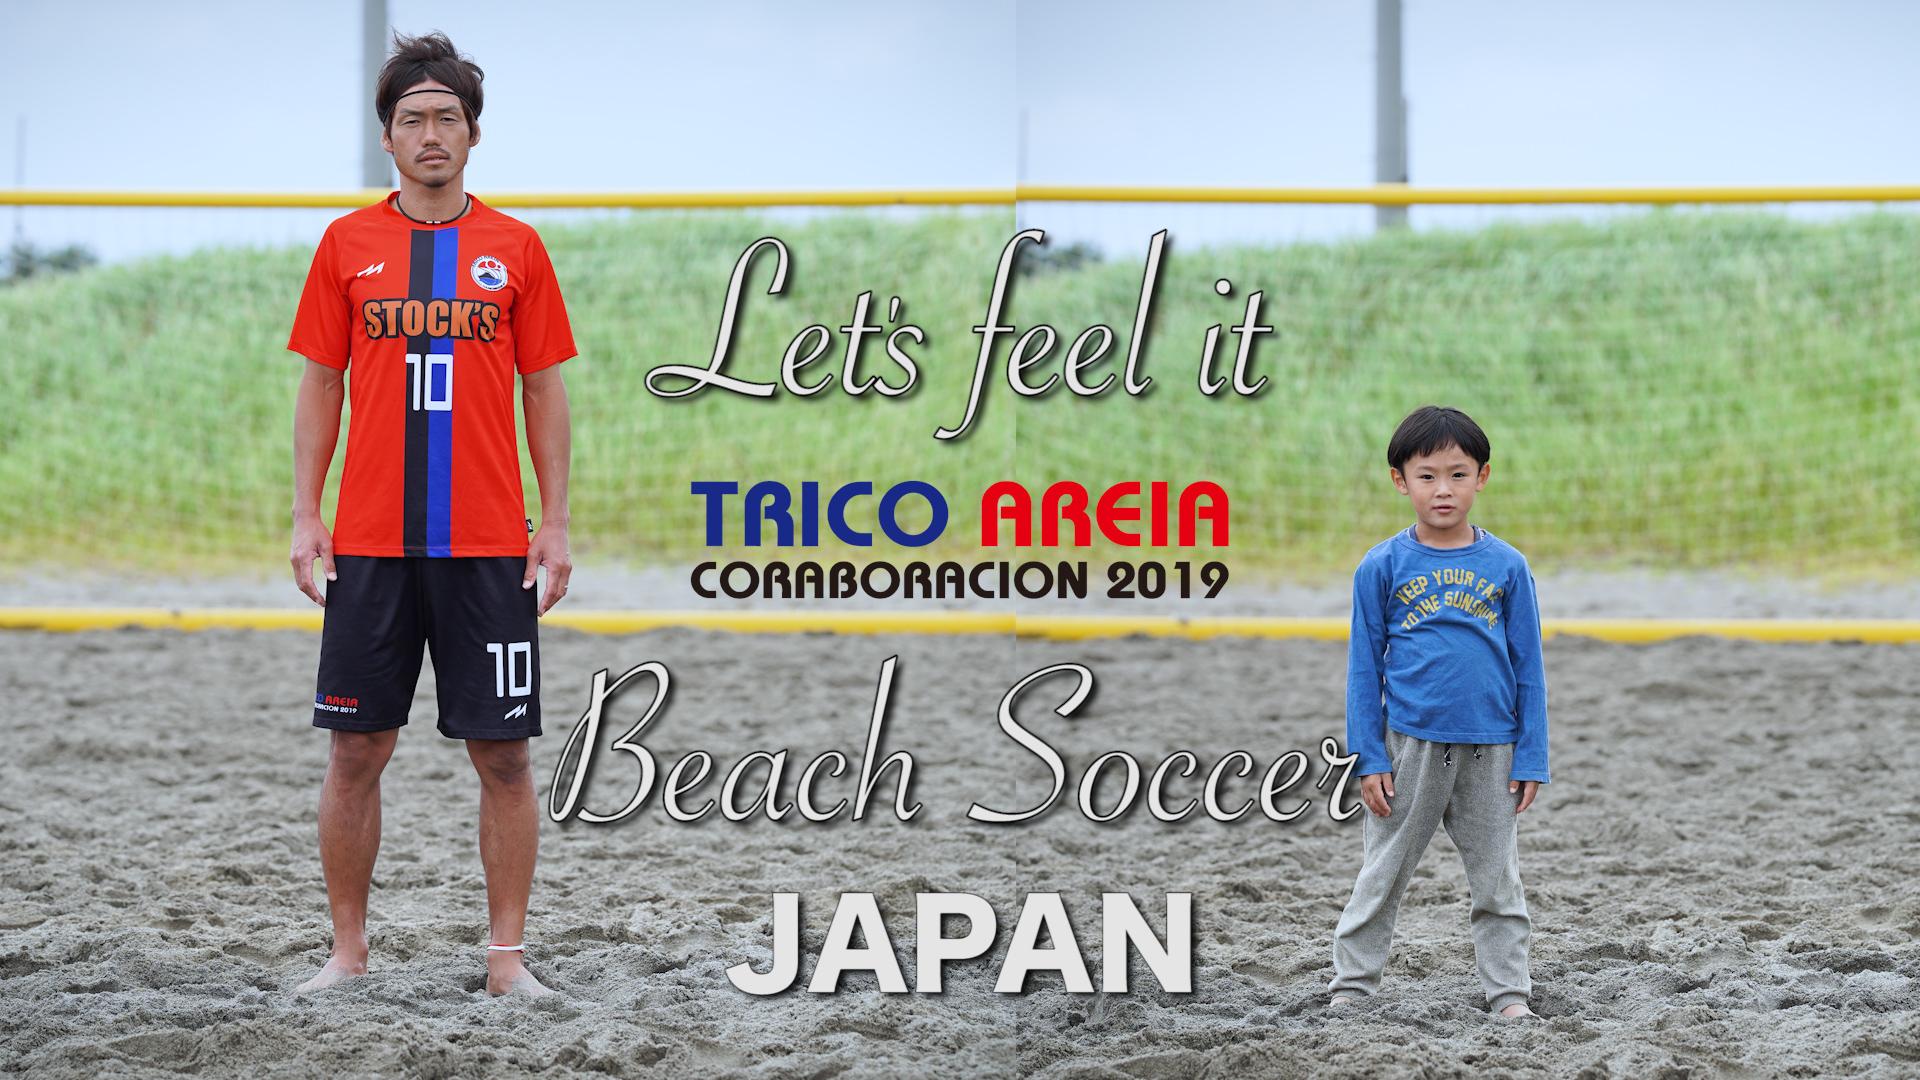 TORICOAREIA トリコアレイア ビーチサッカー beachsoccer